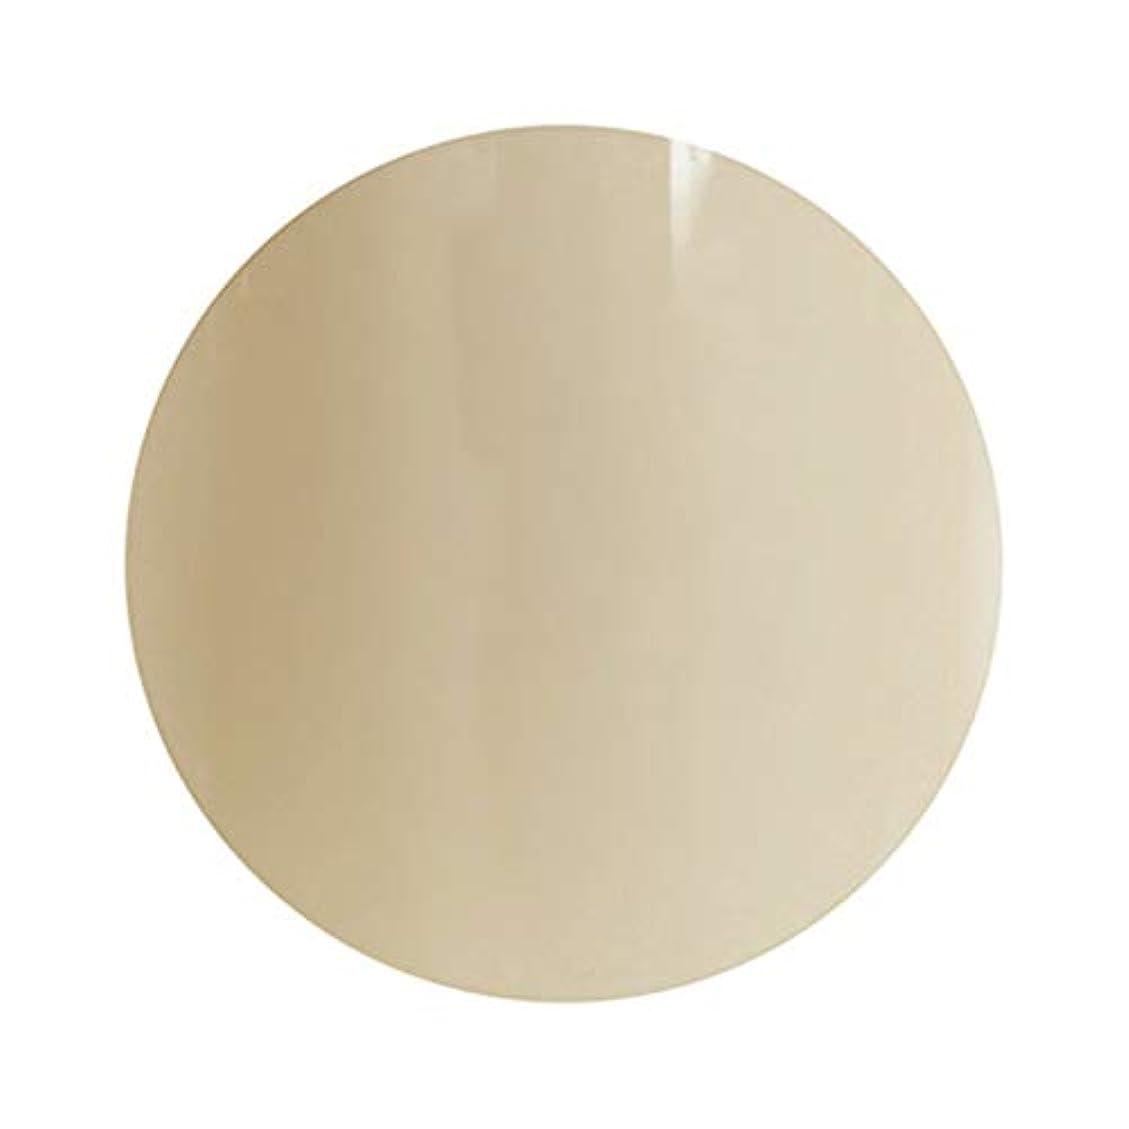 調整する摂氏度水っぽいpara gel パラジェル カラージェル S035 ピスタチオミスト 4g (Coccoプロデュース)